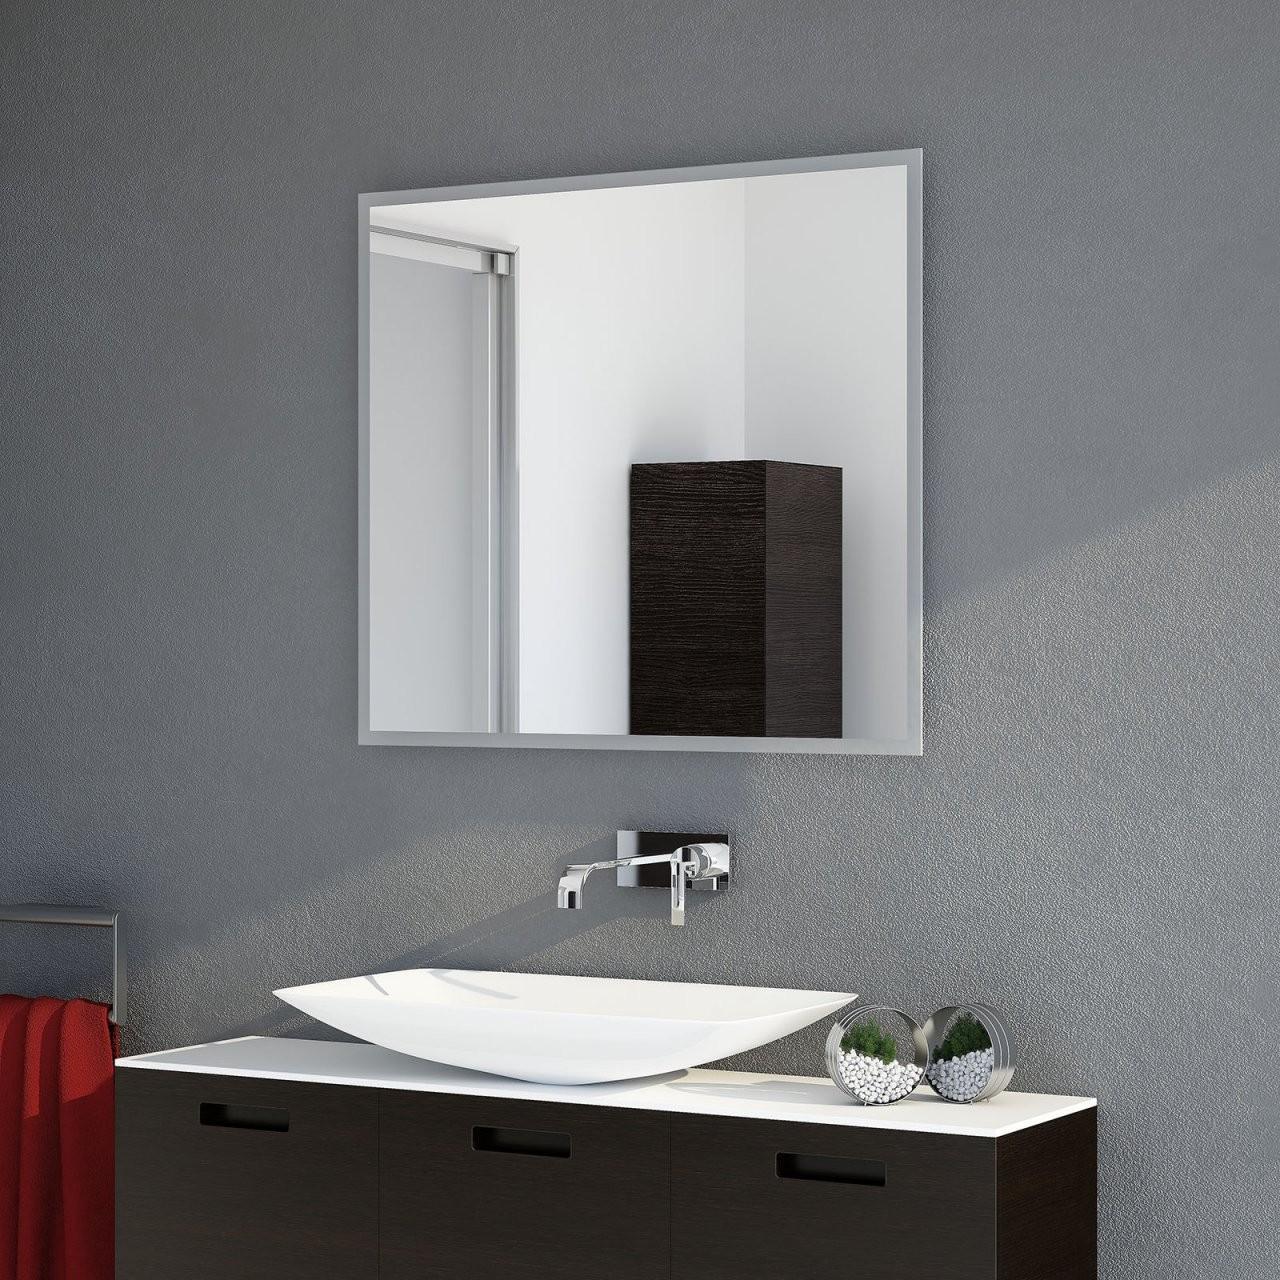 Badspiegel Frame Top Led  Satinierte Rand Mit Ambiente Licht von Led Spiegel Mit Steckdose Bild